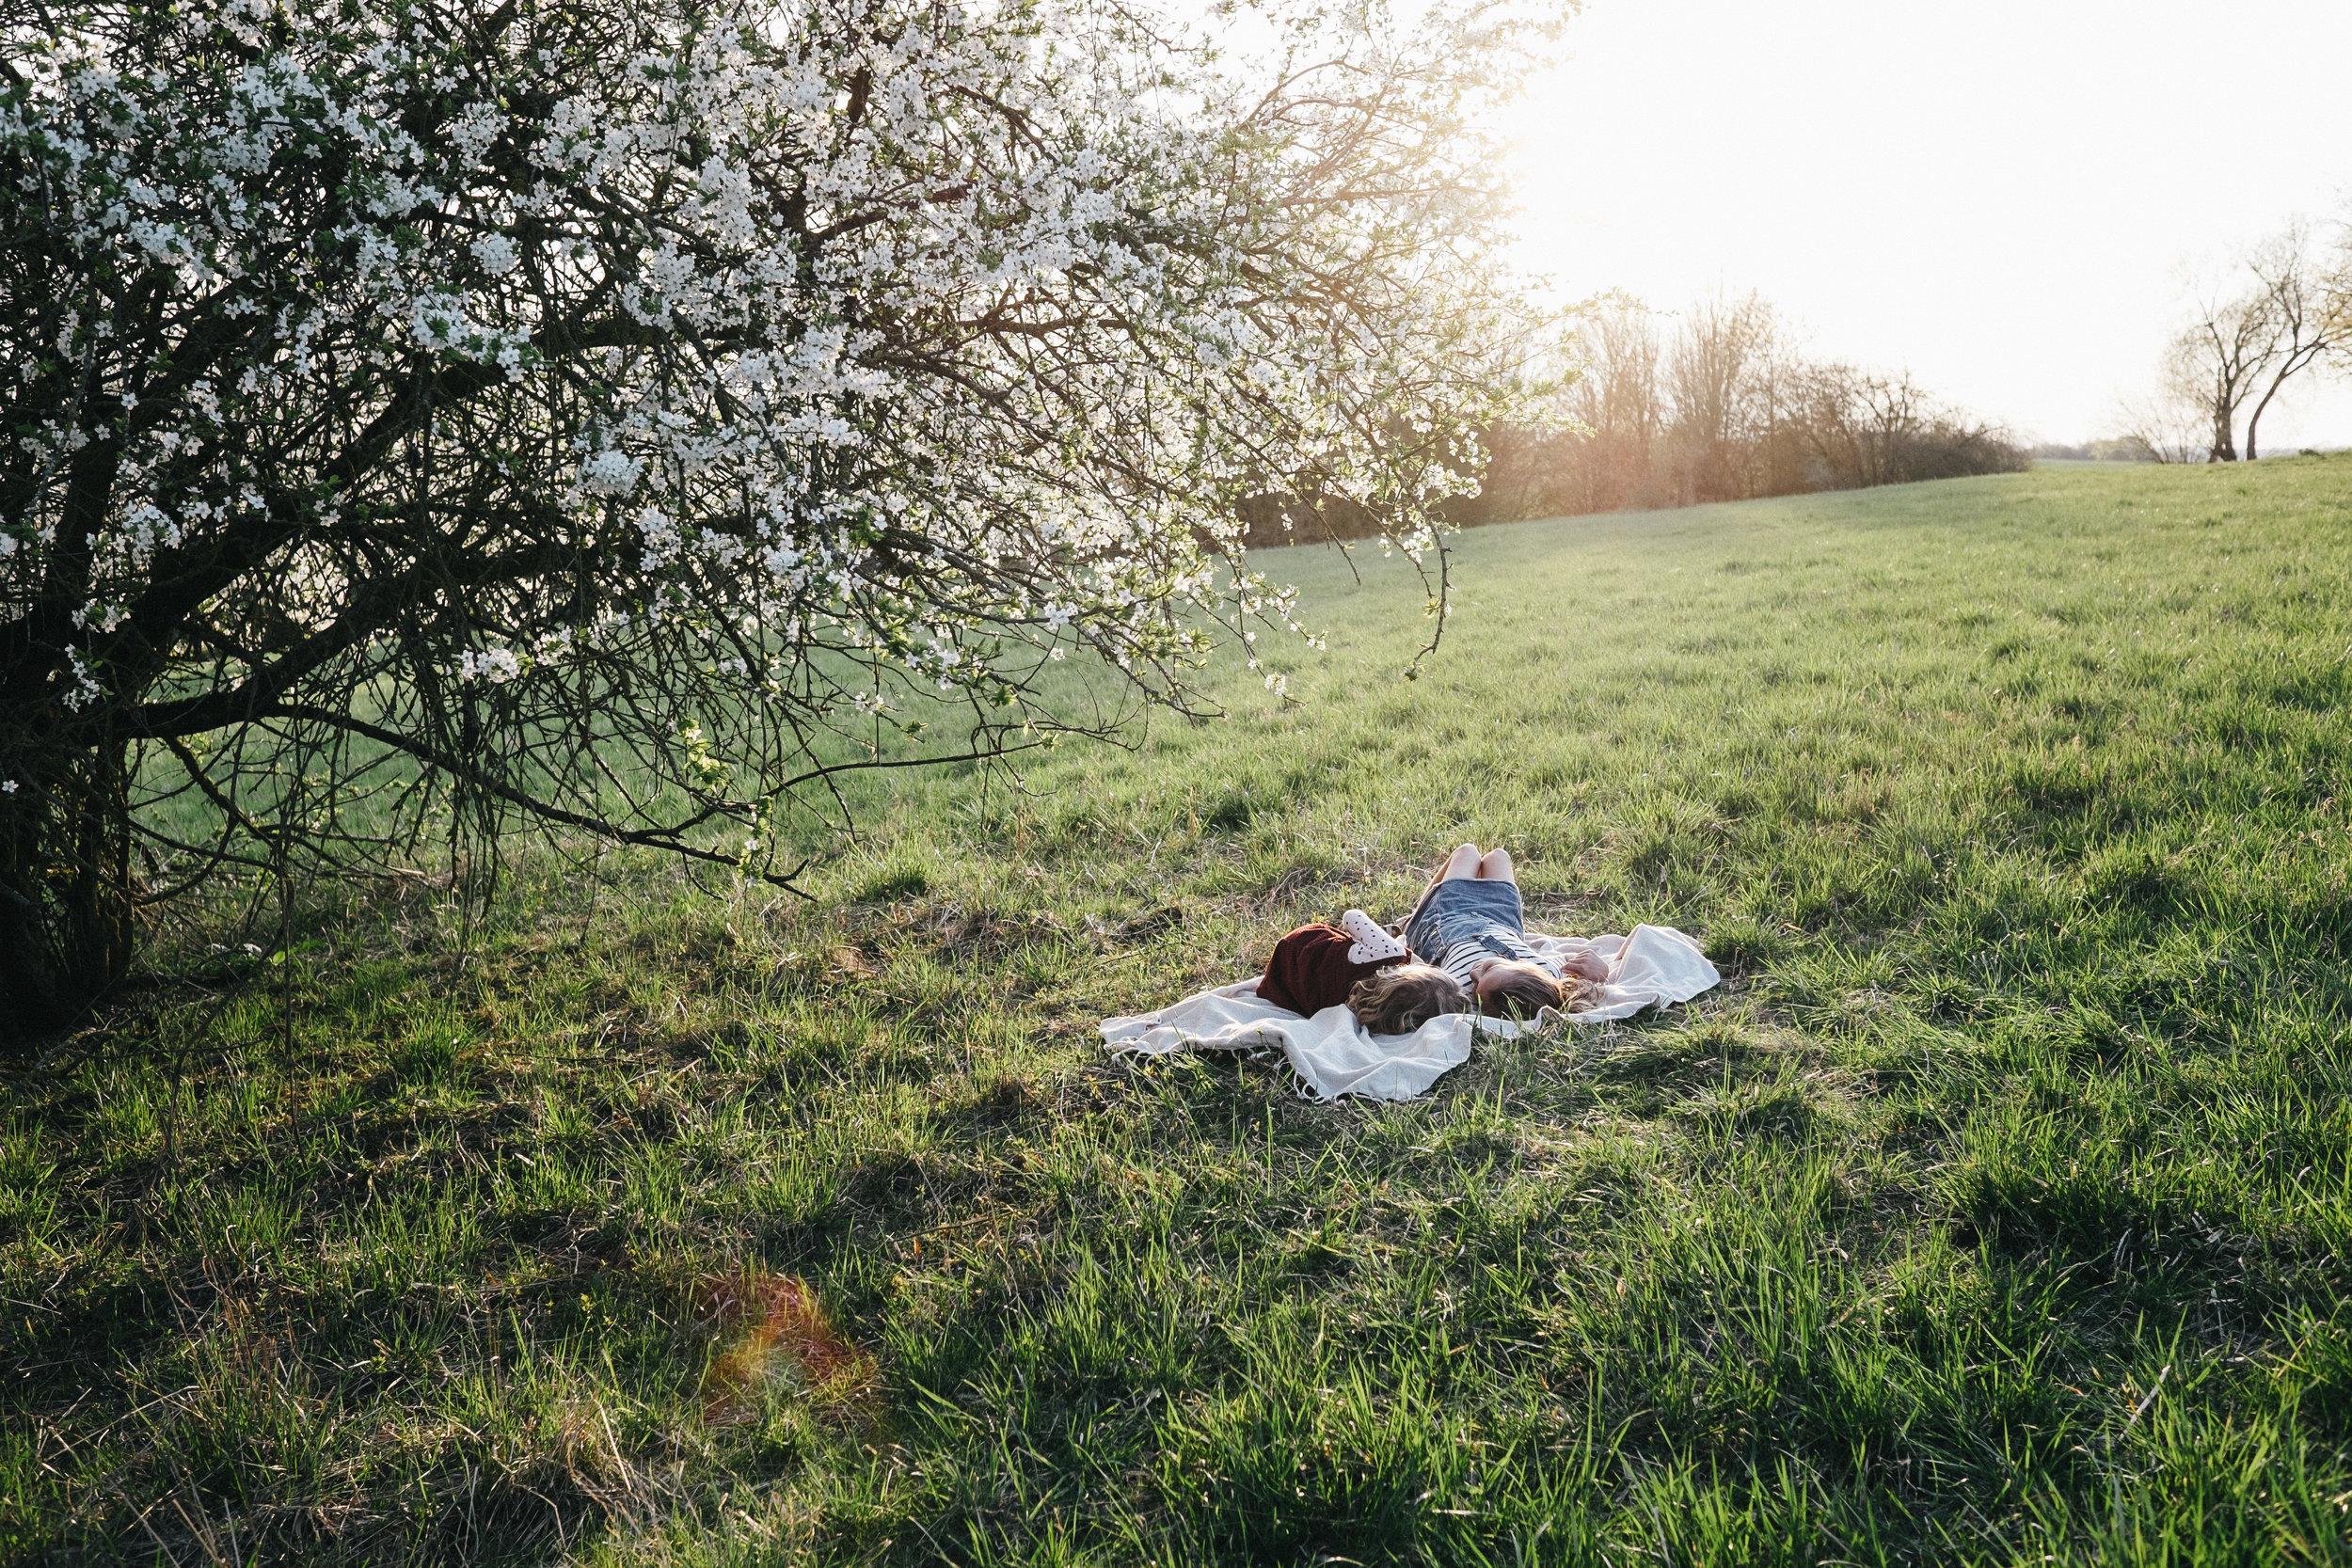 Streuobstwiese - Viola Mueller-Gerbes Photography-8.jpg